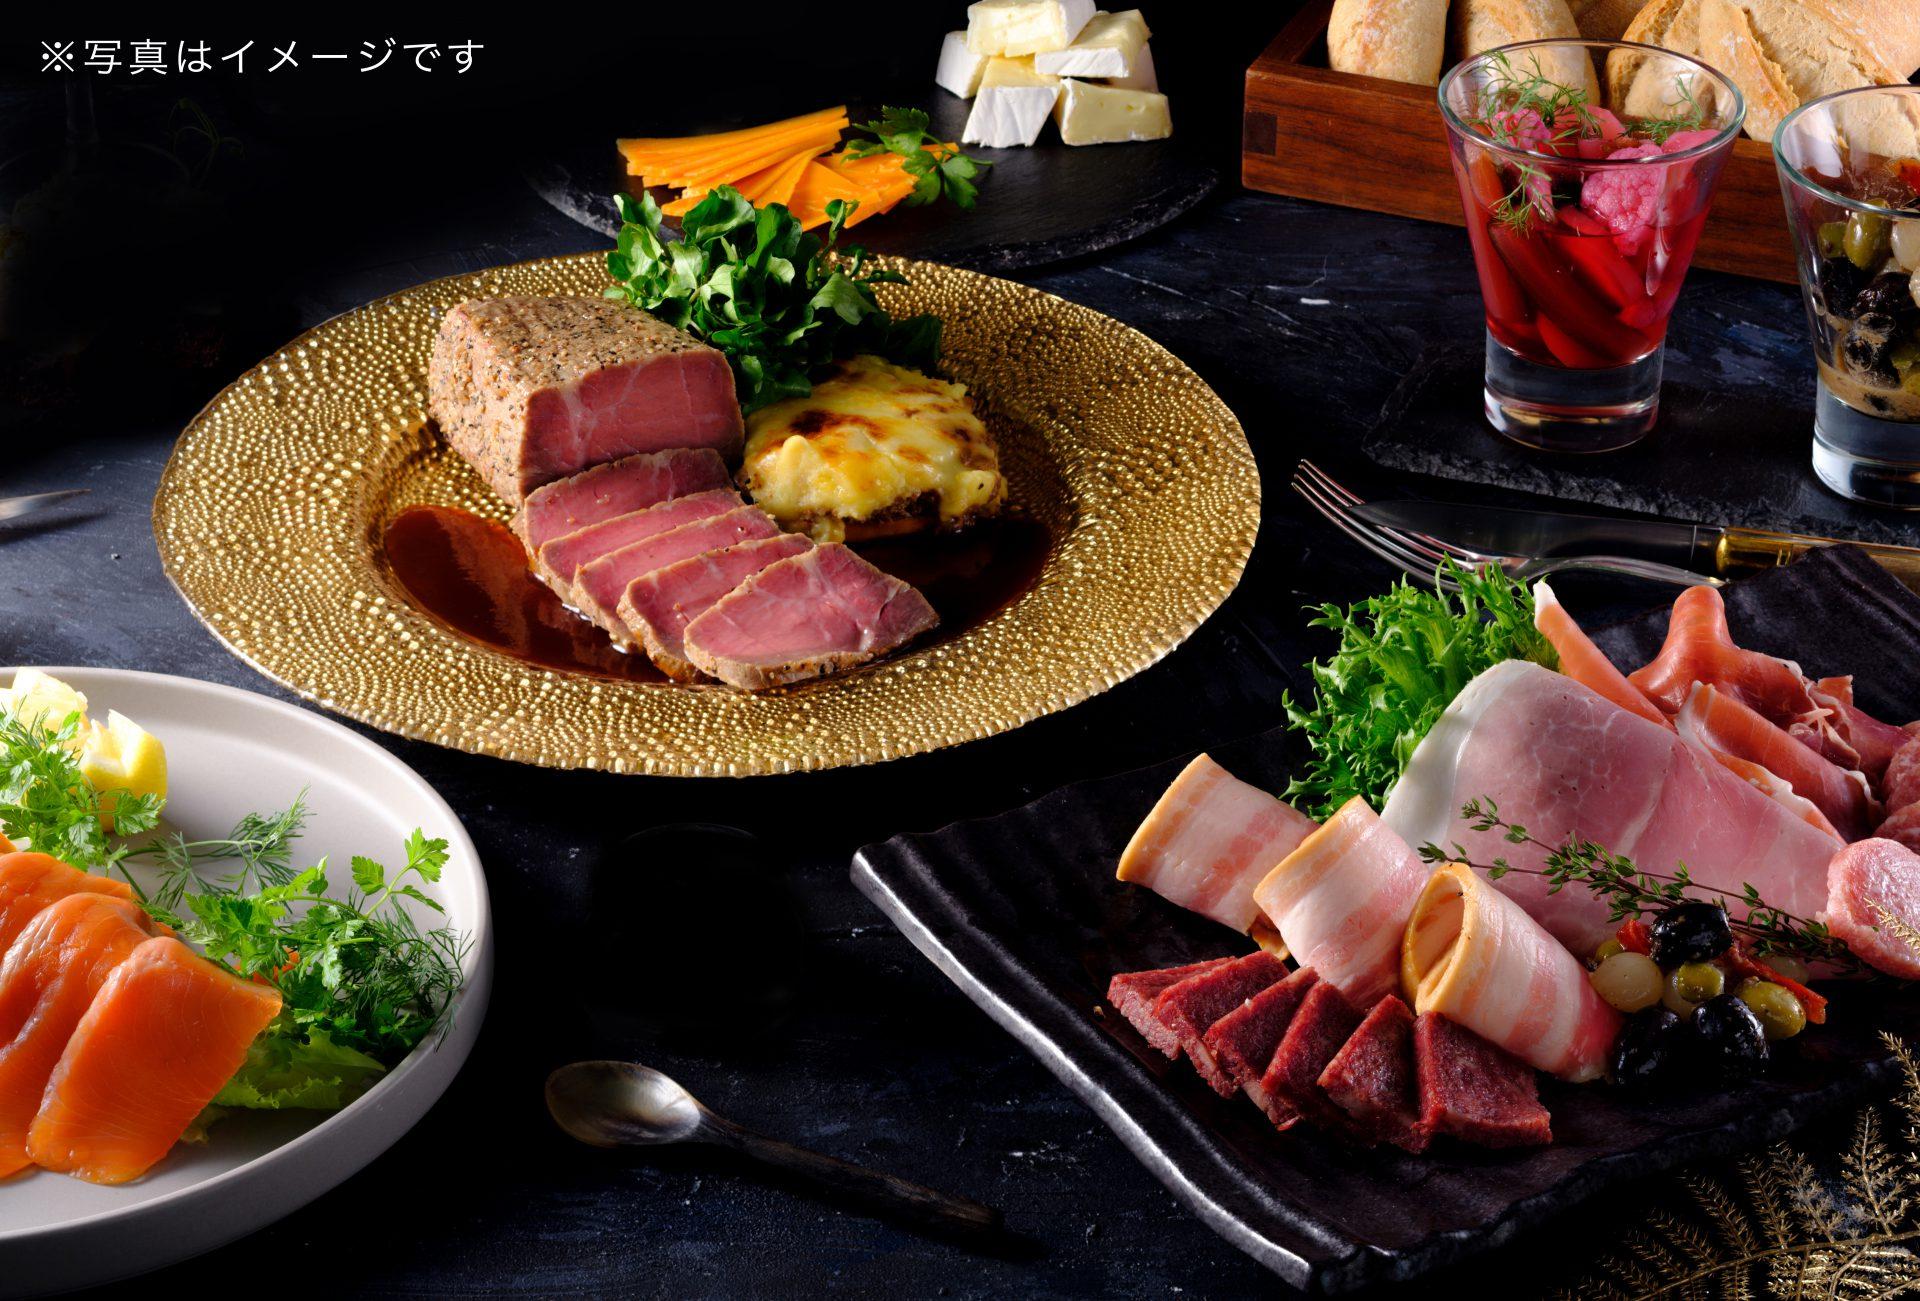 【1月】 神戸北野ホテル / 山口浩<br /> 簡単盛付!自宅で、ホテルクラスのパーティー三昧!フランス料理のエスプリと集う楽しみBOX